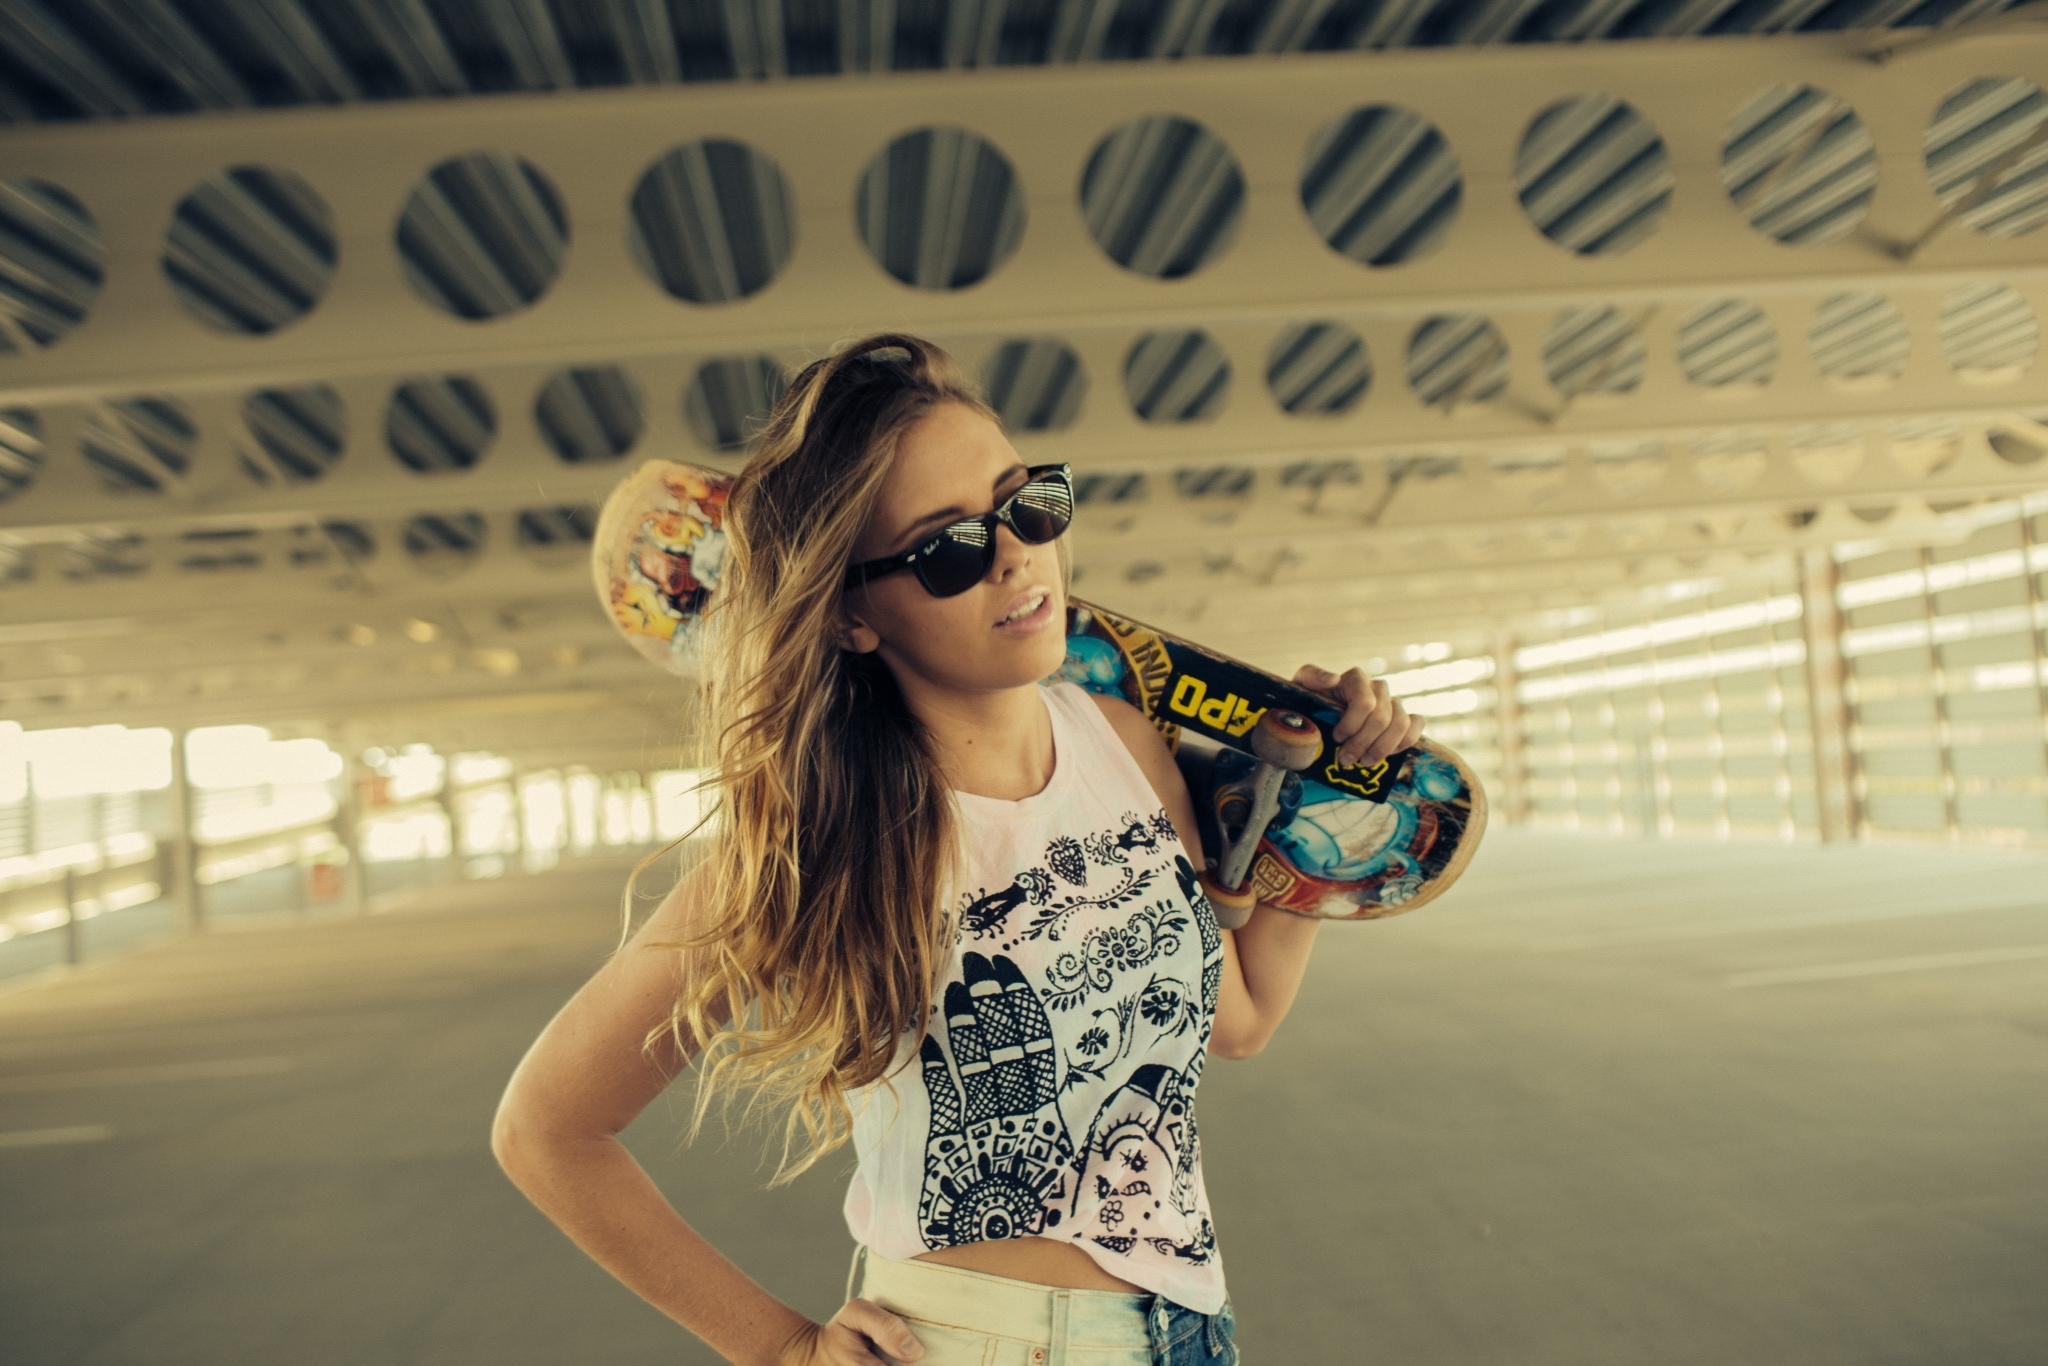 Images Of Skate Girl Wallpaper Desktop Sc